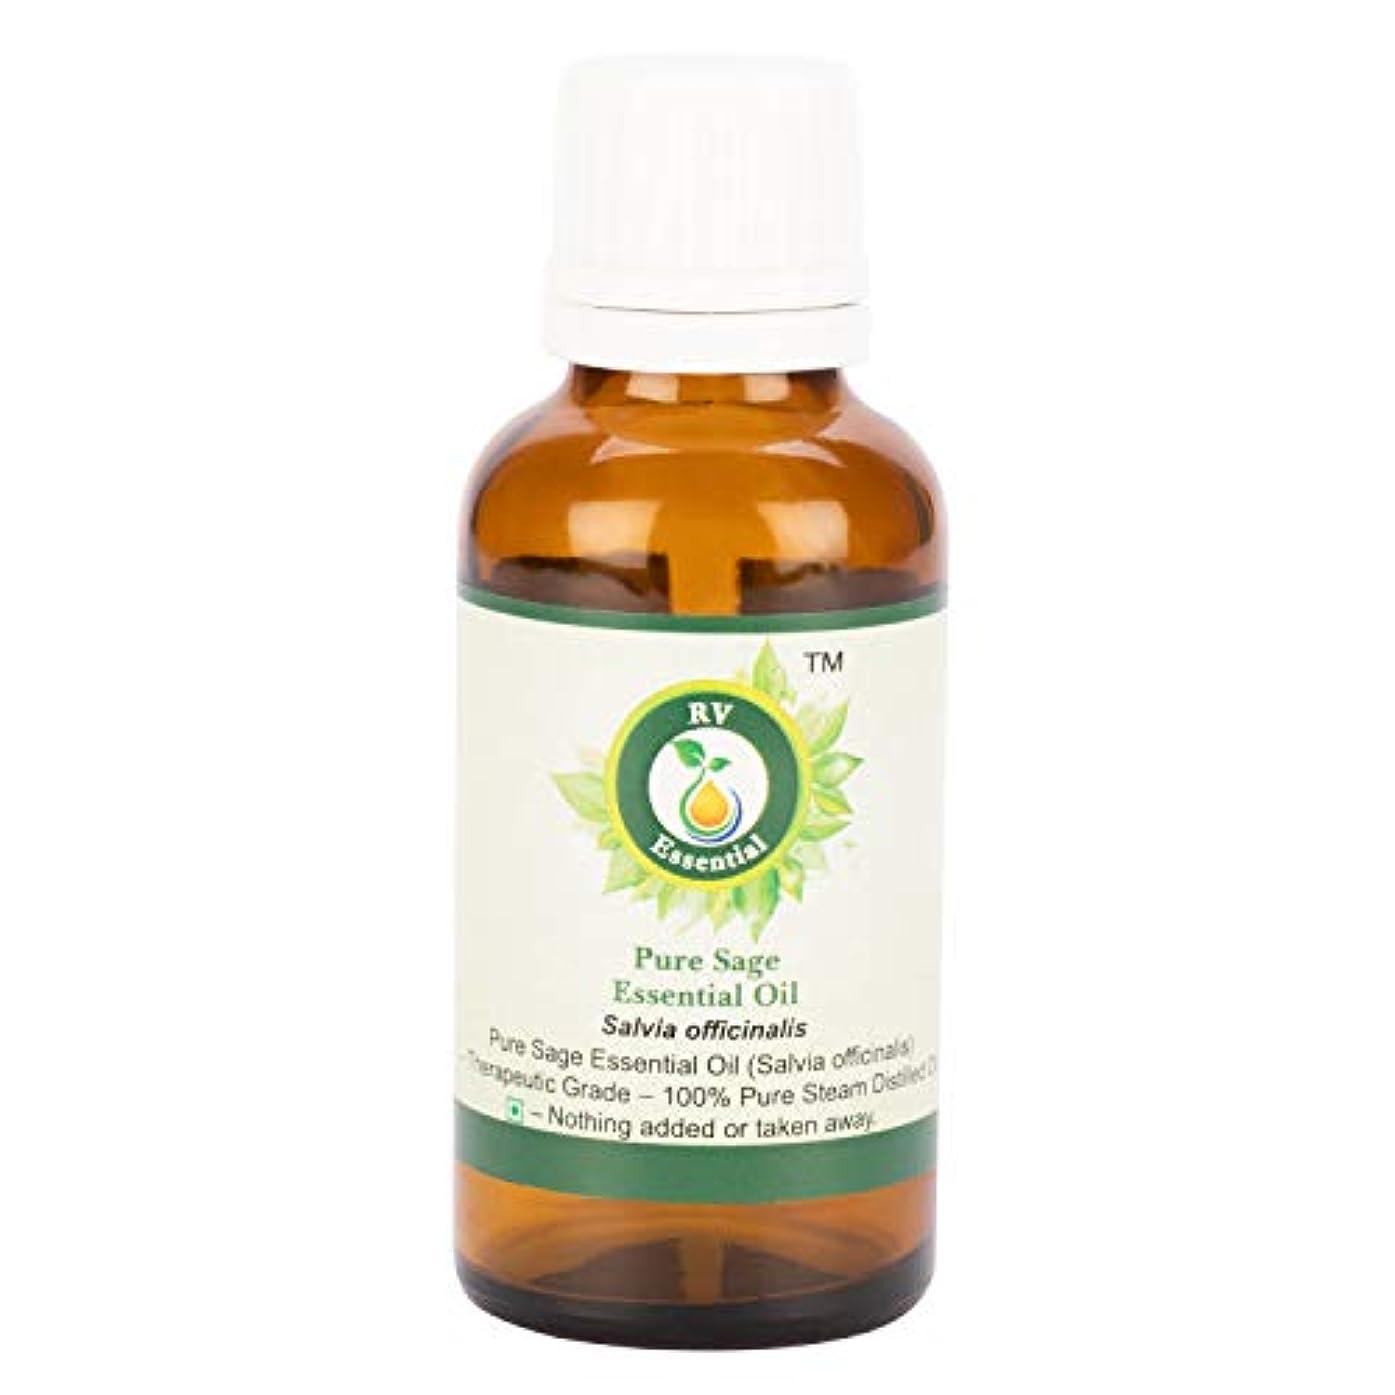 ペルー聴覚バスケットボールピュアセージエッセンシャルオイル100ml (3.38oz)- Salvia Officinalis (100%純粋&天然スチームDistilled) Pure Sage Essential Oil